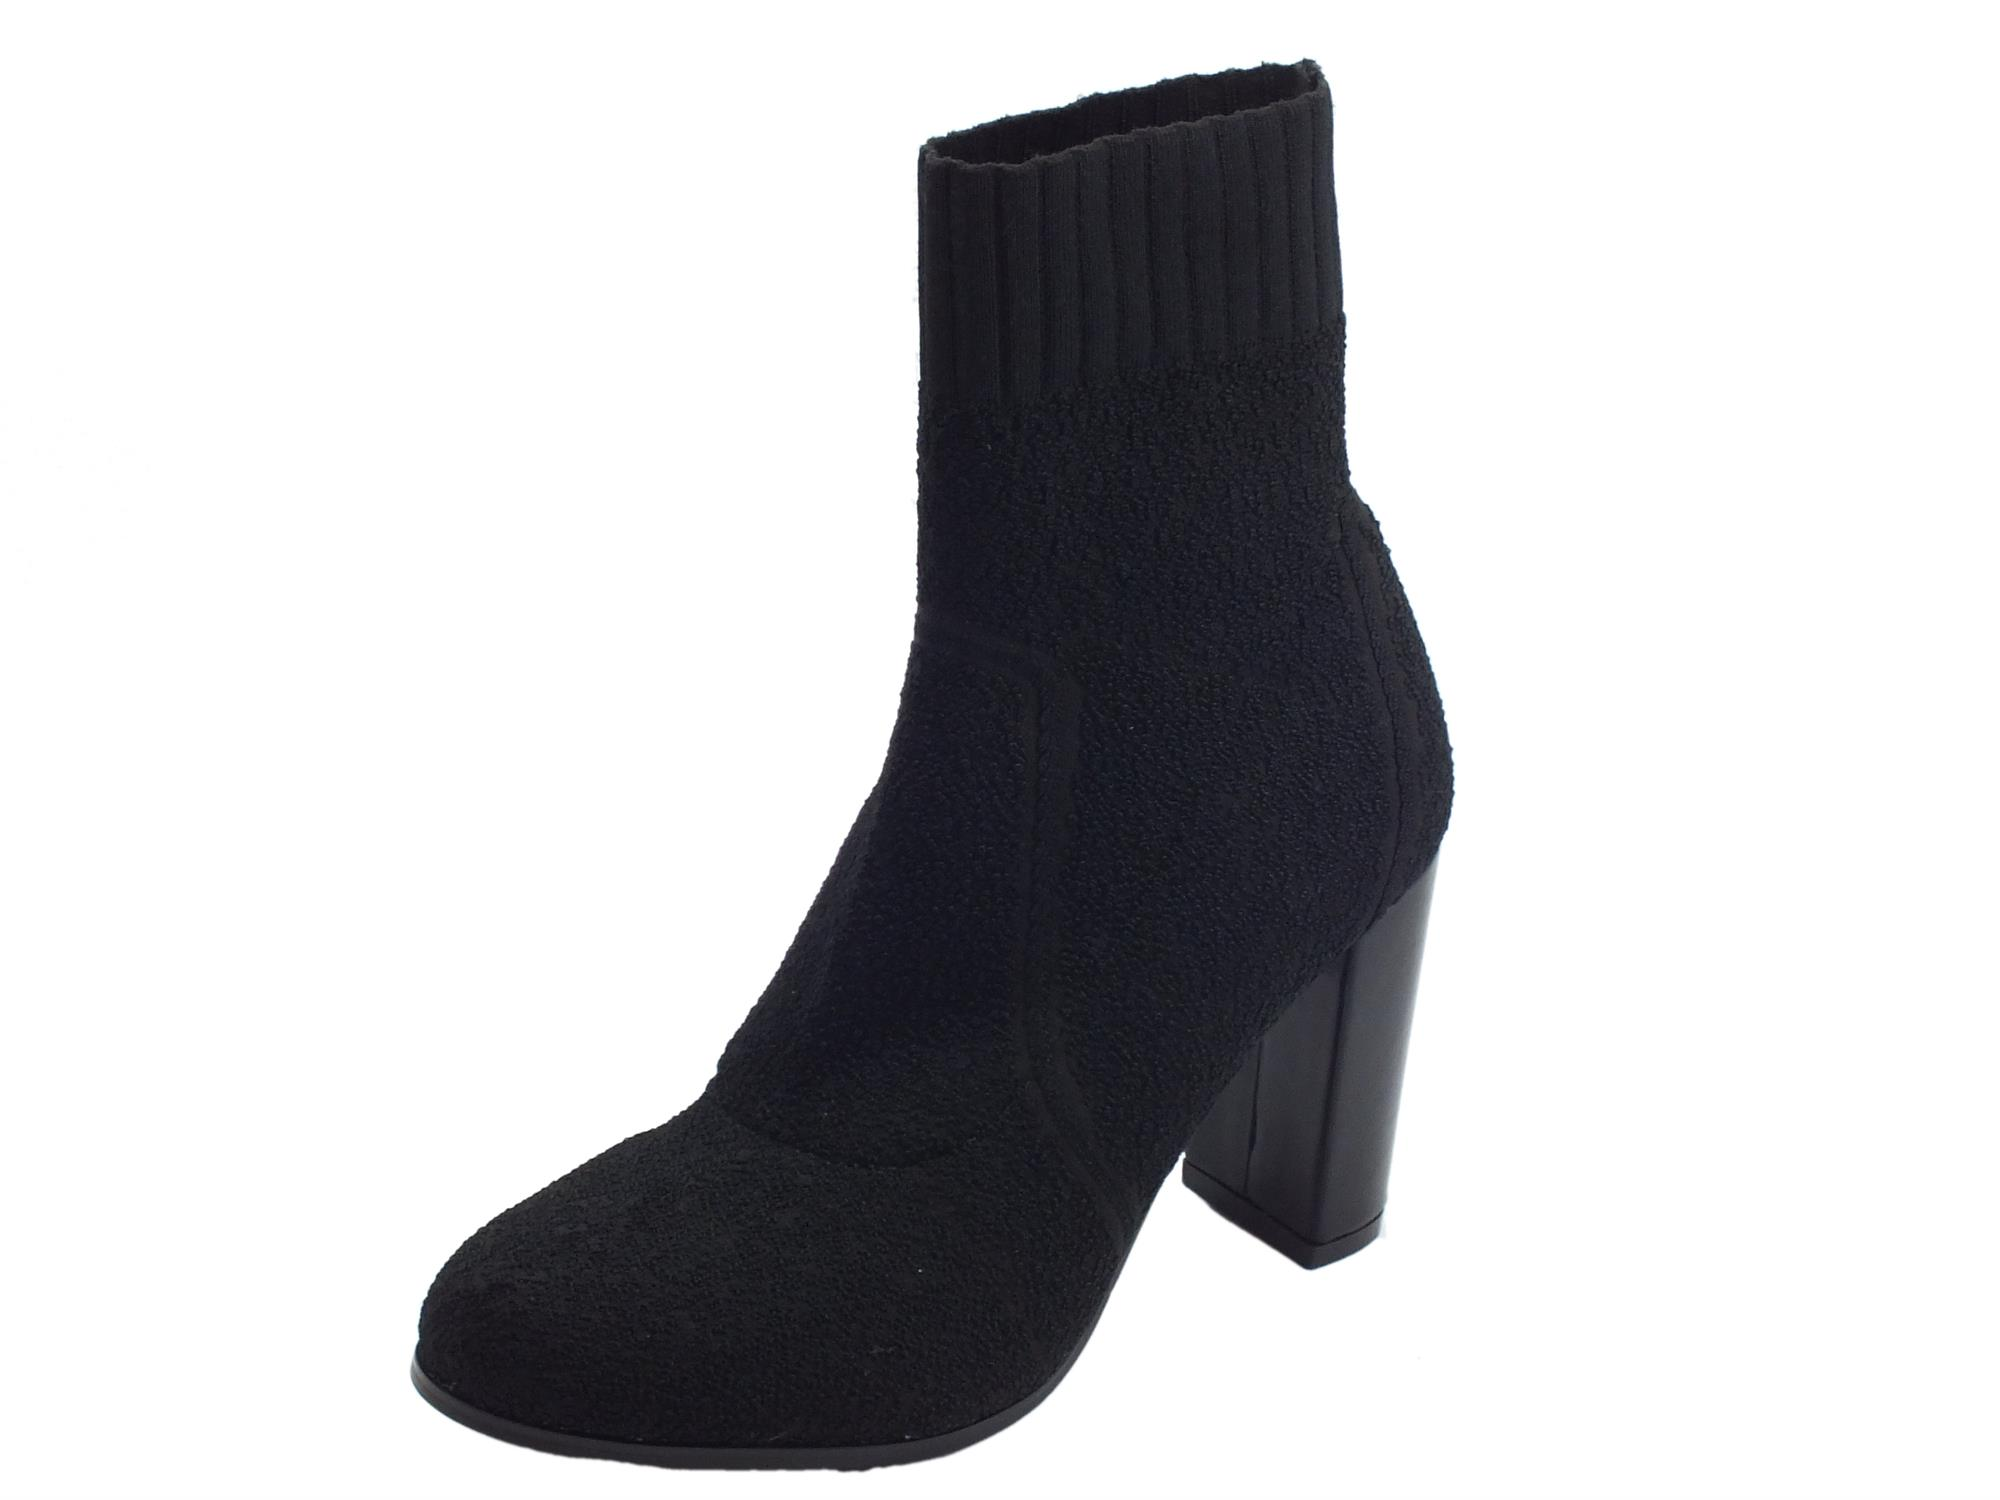 new photos c5975 4da2f Tronchetti per donna Cafè Noir in tessuto elasticizzato spugnoso nero tacco  alto